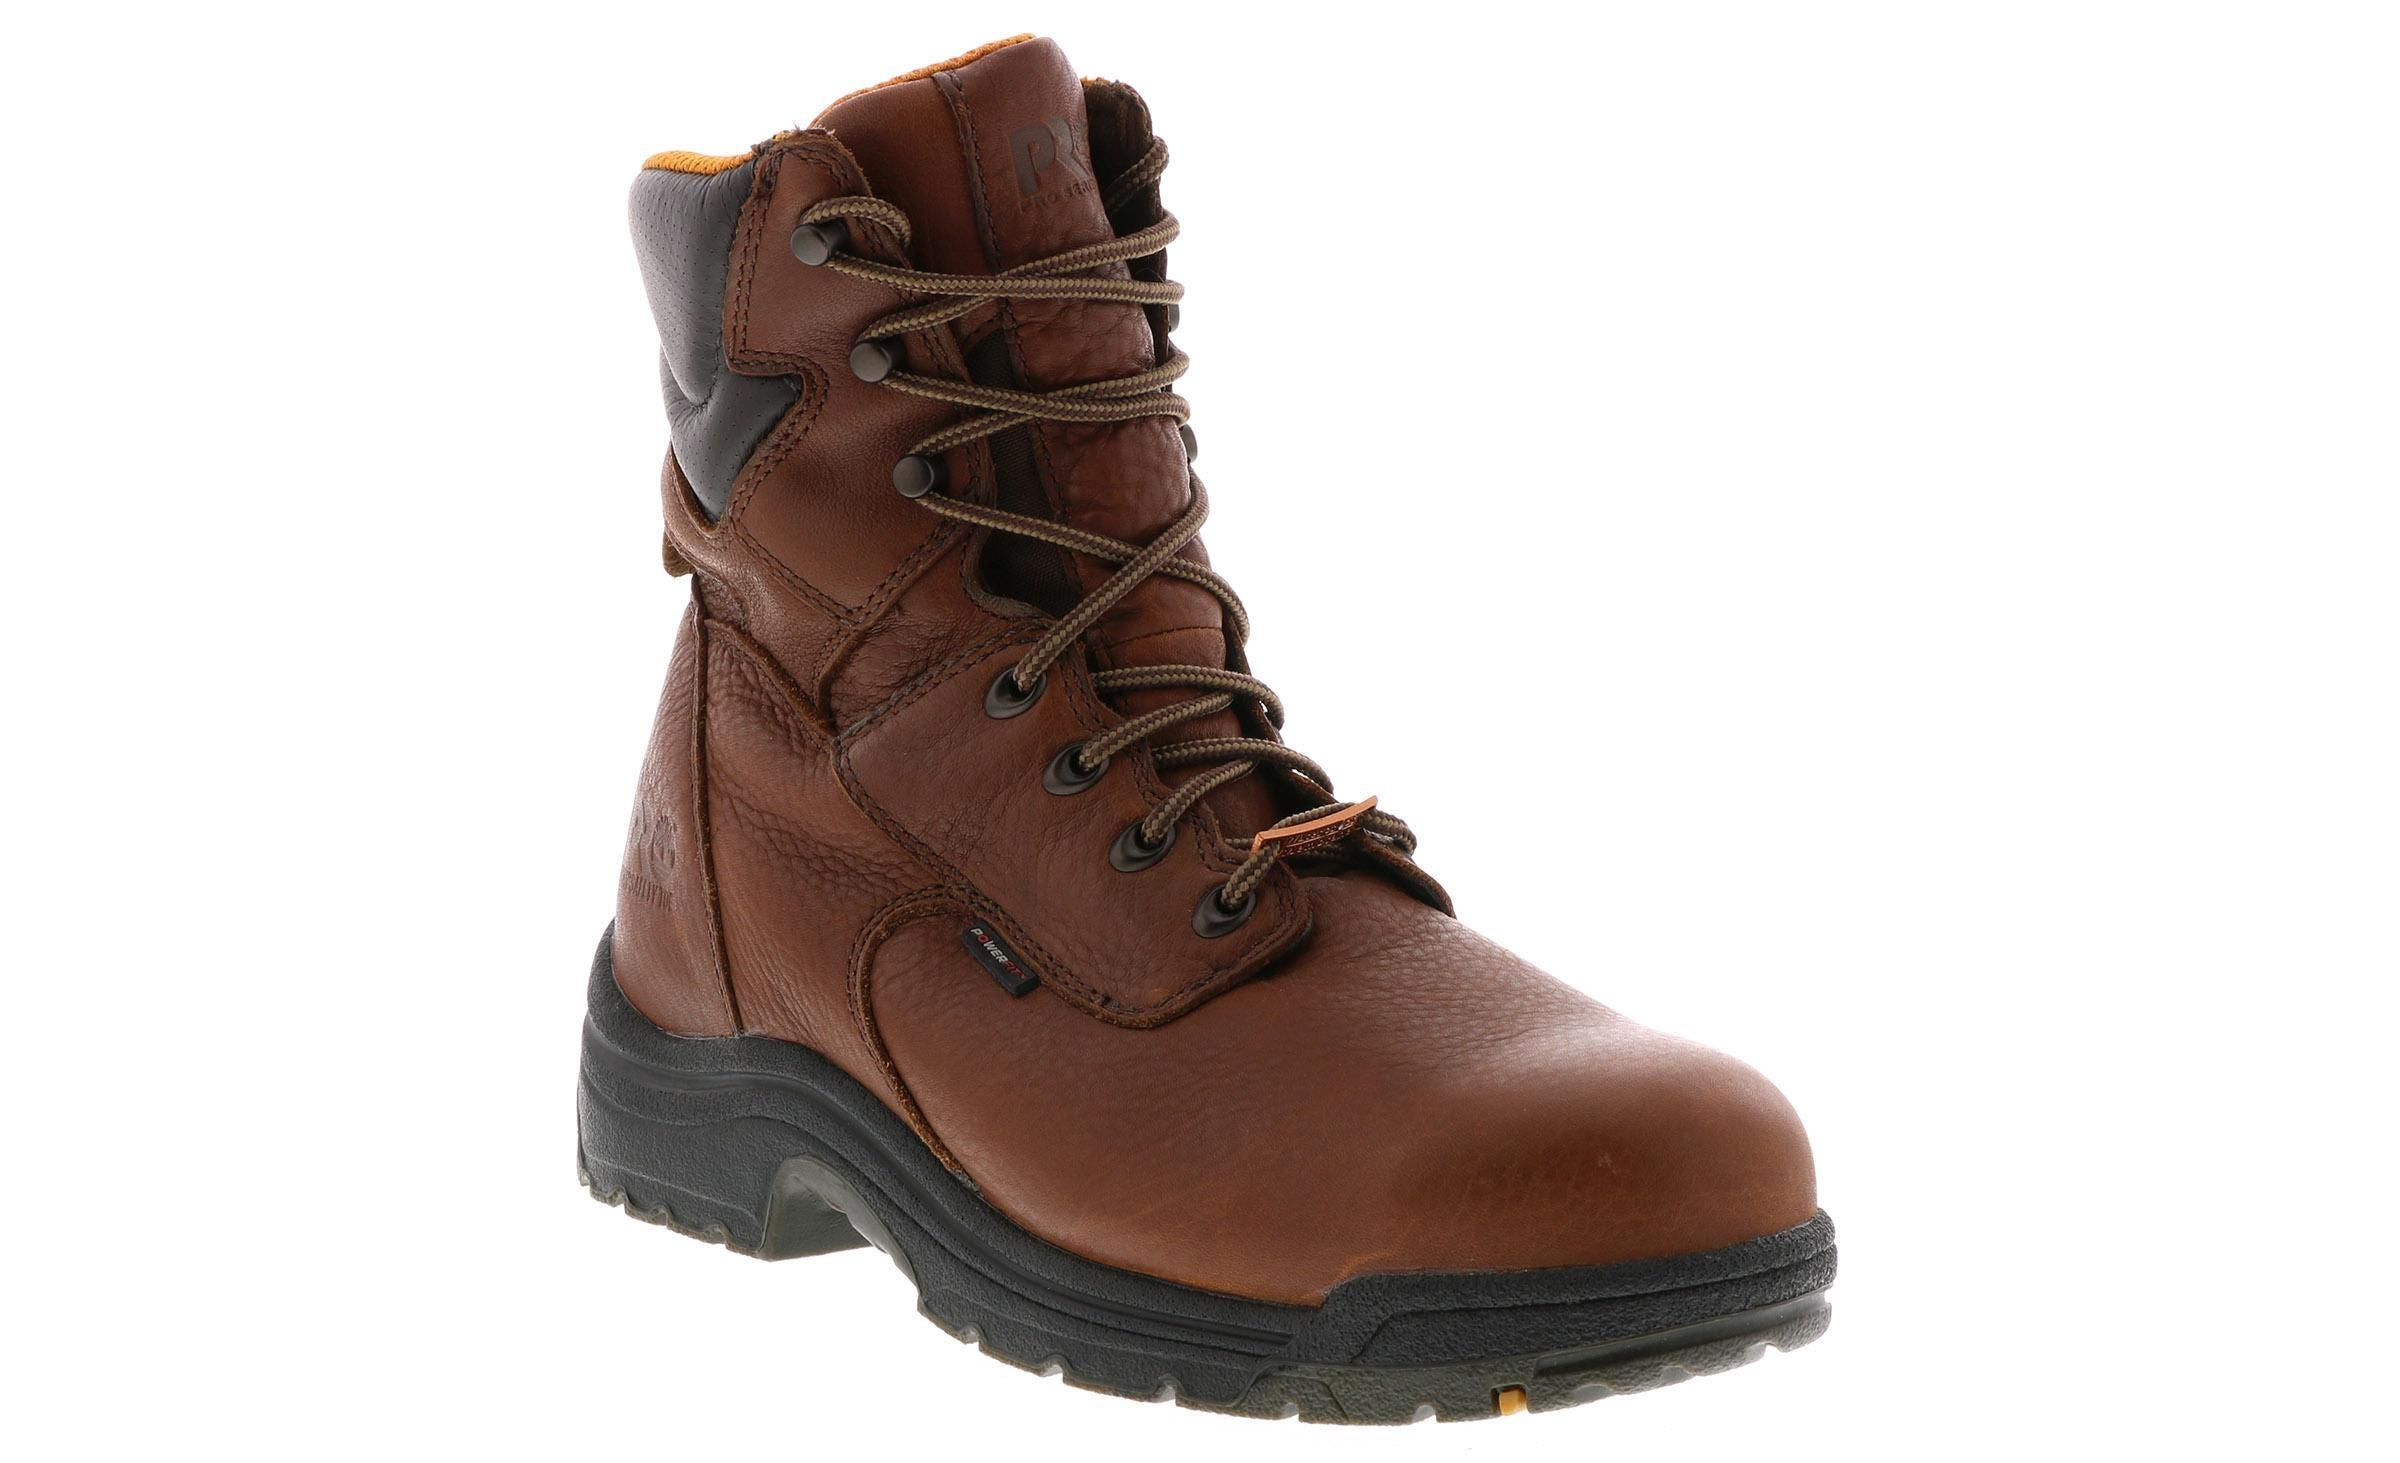 Timberland Men's PRO 8 inch Steel Toe Titan Waterproof Boot